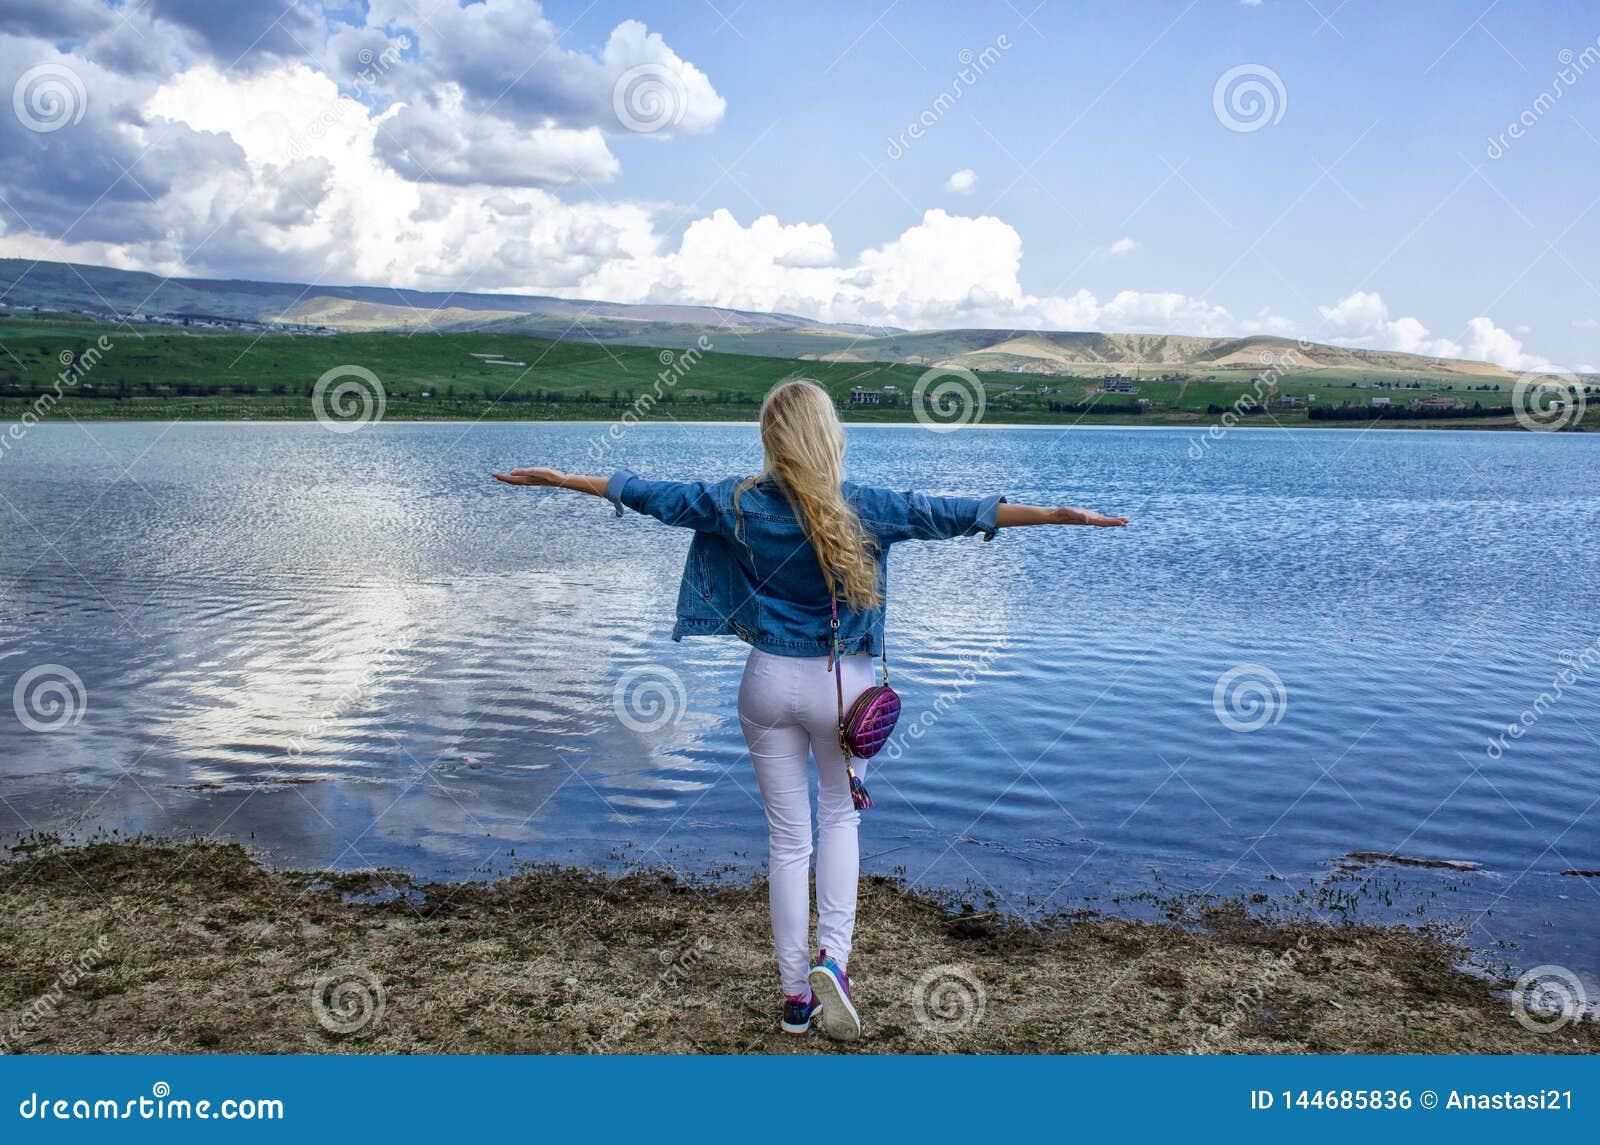 Una mujer joven delgada hermosa se coloca con su parte posterior en la orilla cerca del agua y admira el paisaje hermoso